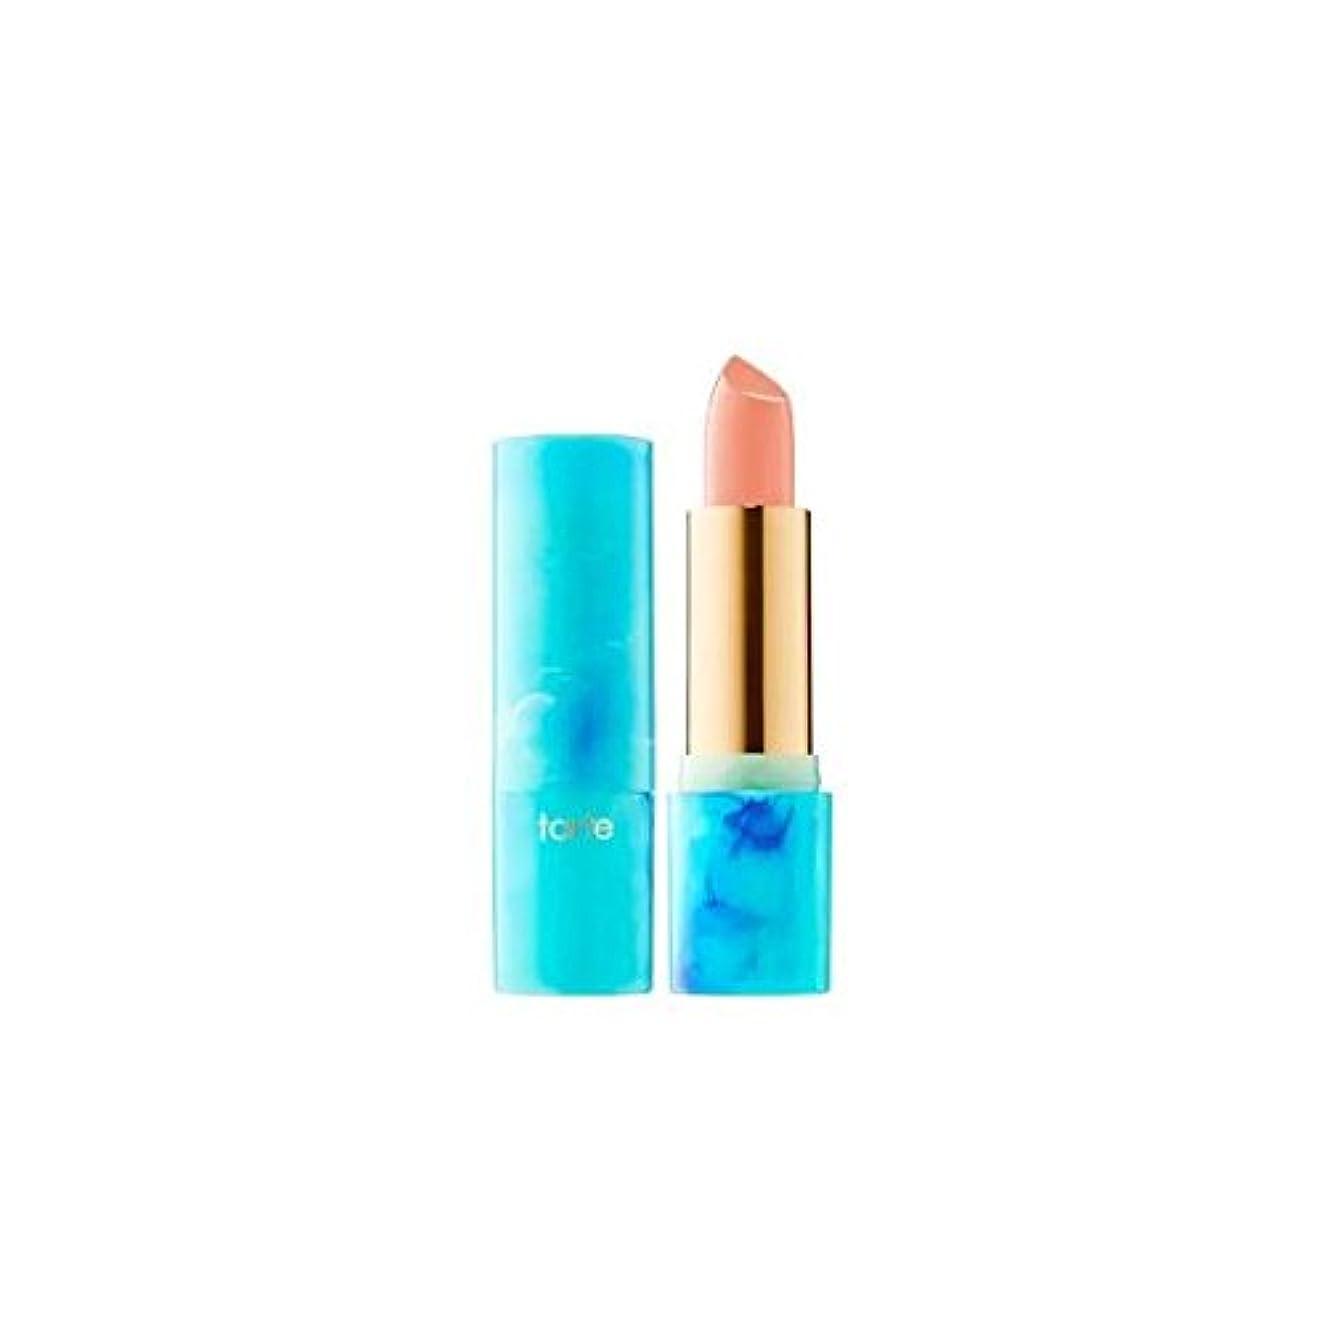 ピカソ英語の授業がありますイタリックtarteタルト リップ Color Splash Lipstick - Rainforest of the Sea Collection Satin finish